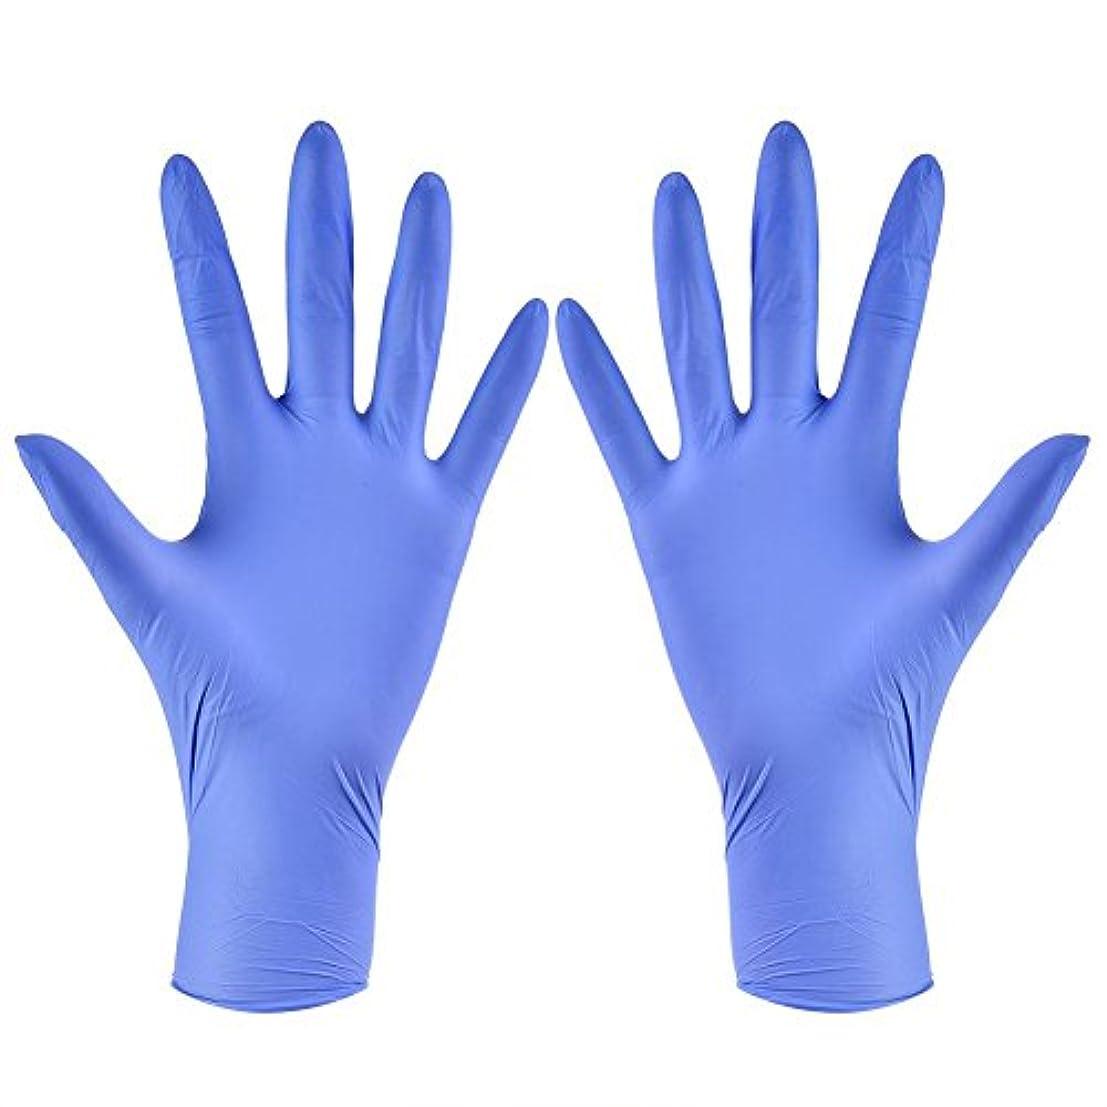 妊娠した戦闘無臭使い捨て手袋 ニトリルグローブ ホワイト 粉なし タトゥー/歯科/病院/研究室に適応 S/M/L/XL選択可 100枚 左右兼用(XL)